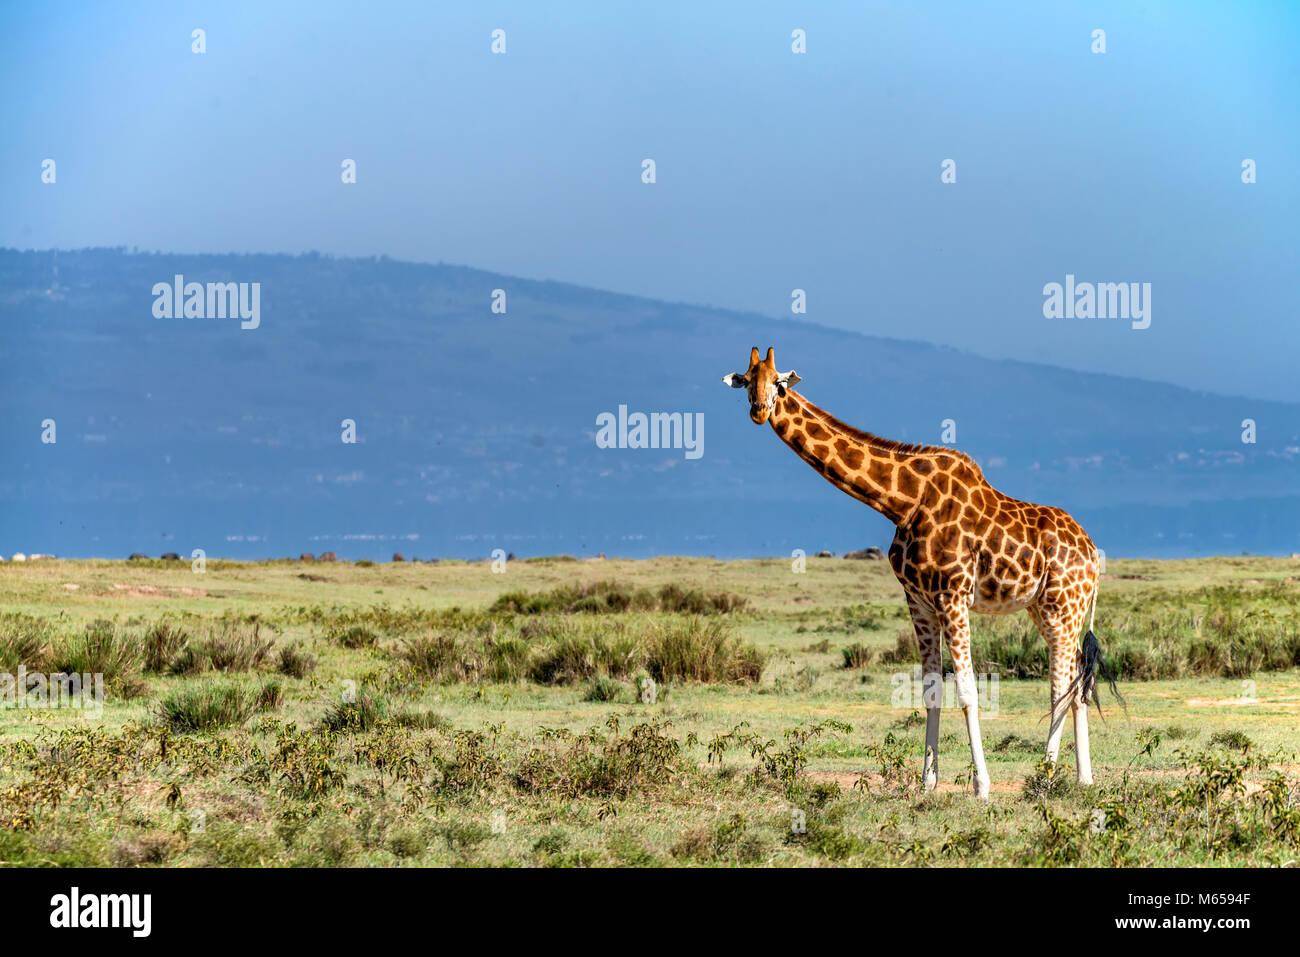 Ugandan giraffe browses in savannah - Stock Image